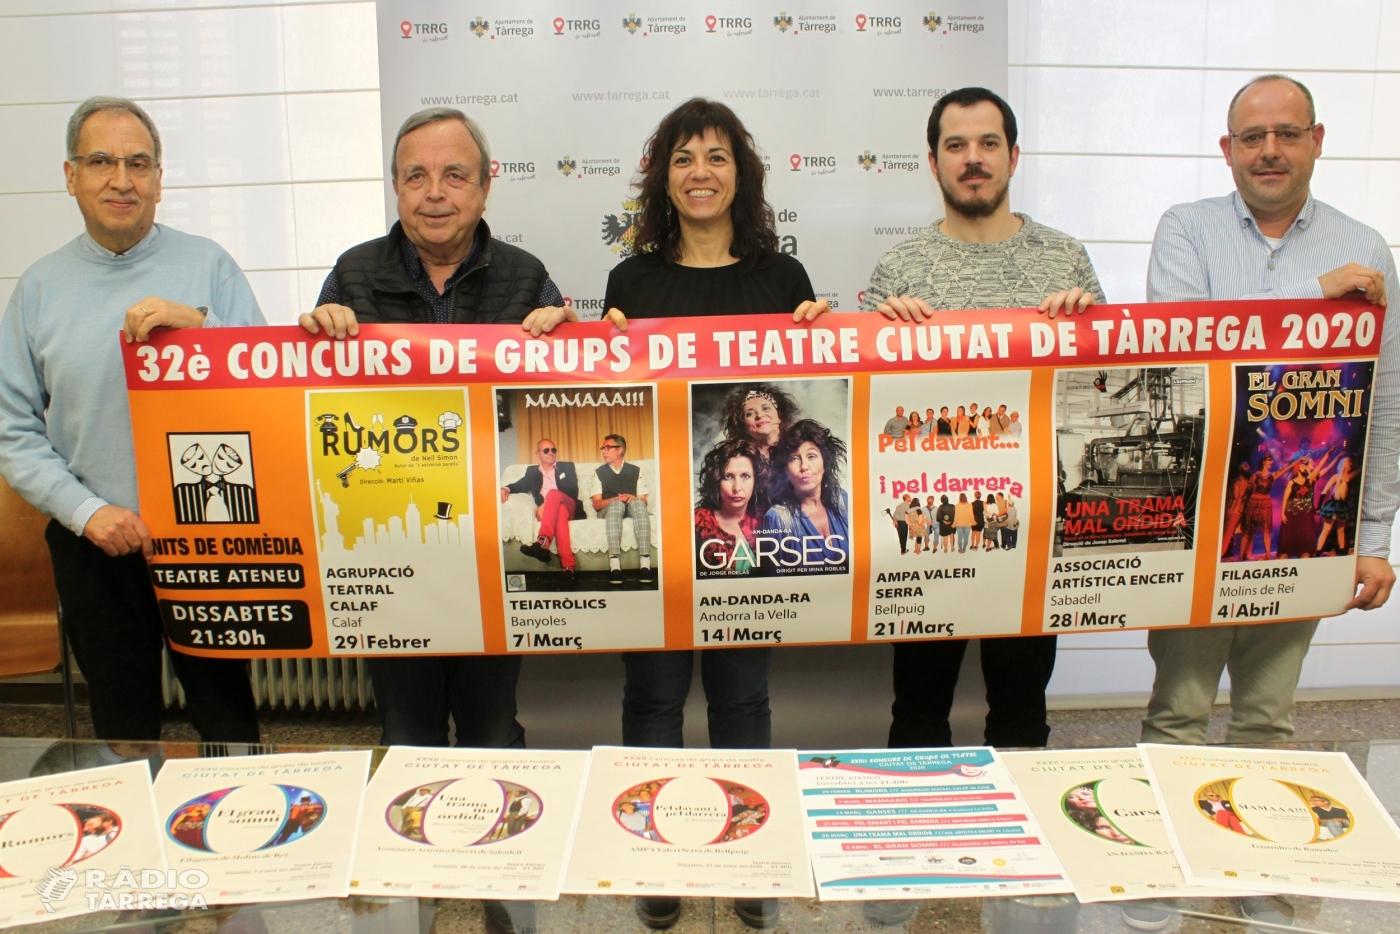 El gènere de la comèdia regna al 32è Concurs de Grups de Teatre Ciutat de Tàrrega, del 29 de febrer al 4 d'abril